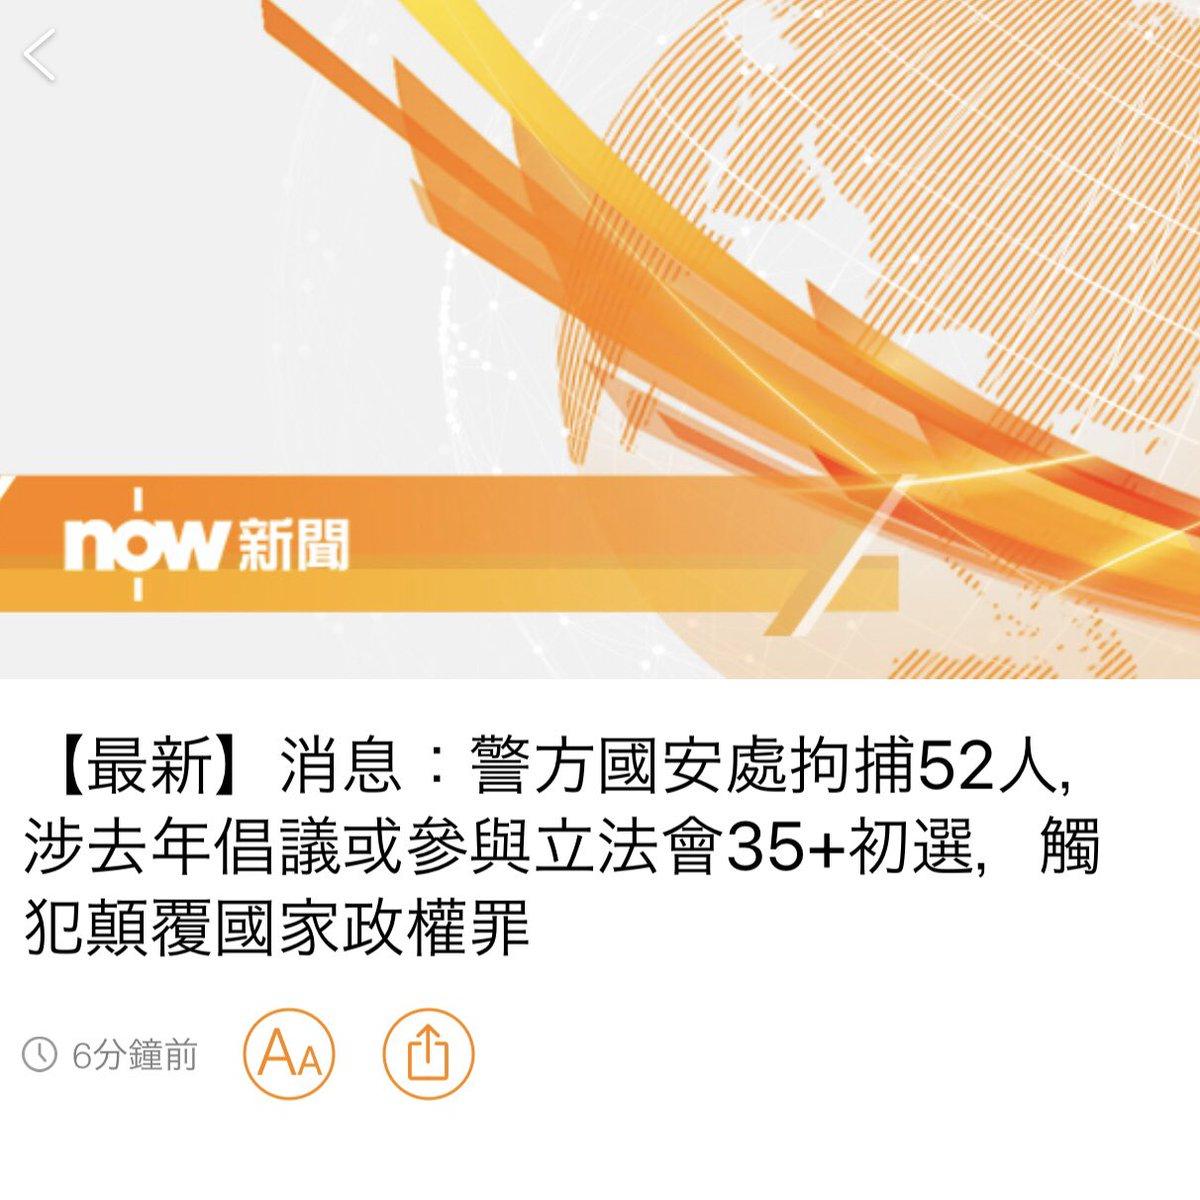 2021年1月6日早朝 香港で民主活動に関わった人が国家安全法違反の容疑で、最低でも50人、まとめて国安処に逮捕されたという速報が止まりません。国安法は最高終身刑の厳罰です。 #香港 #hongkong